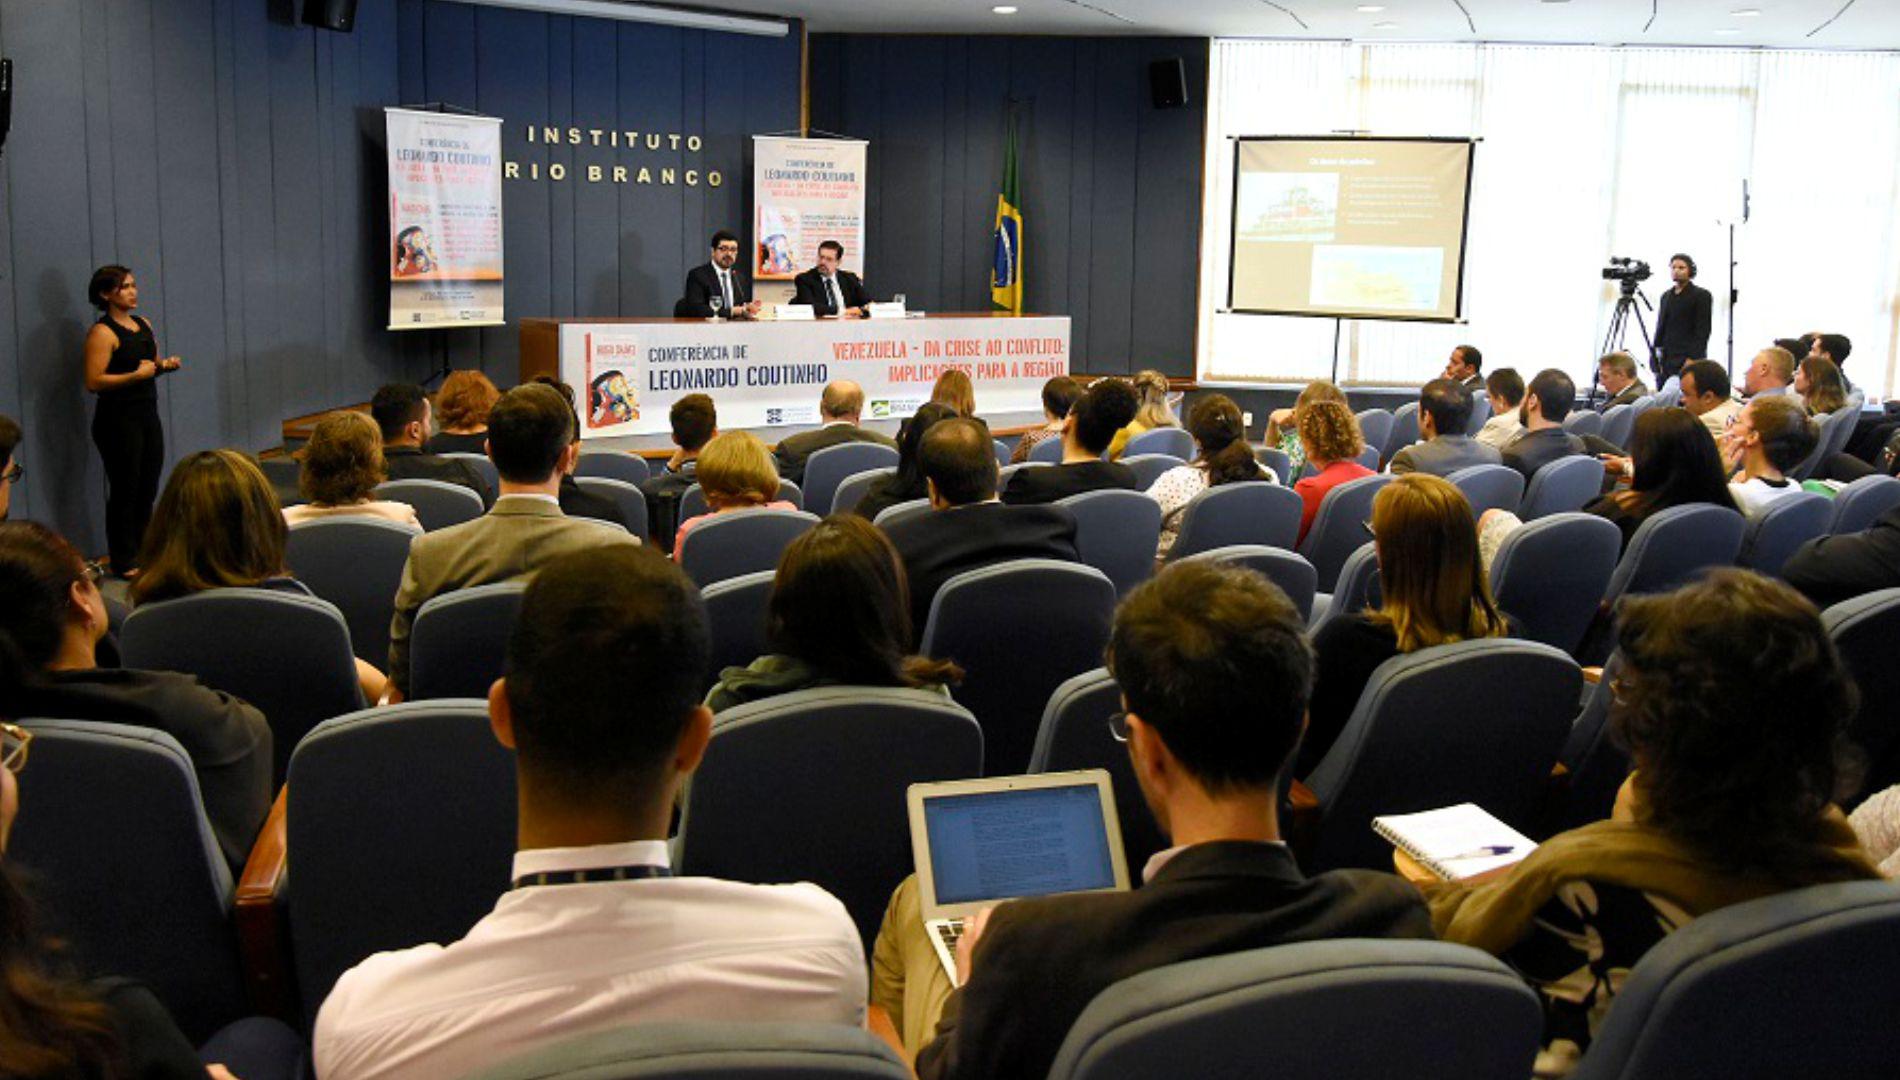 """Assista à conferência """"Venezuela – da crise ao conflito: implicações para a região"""""""